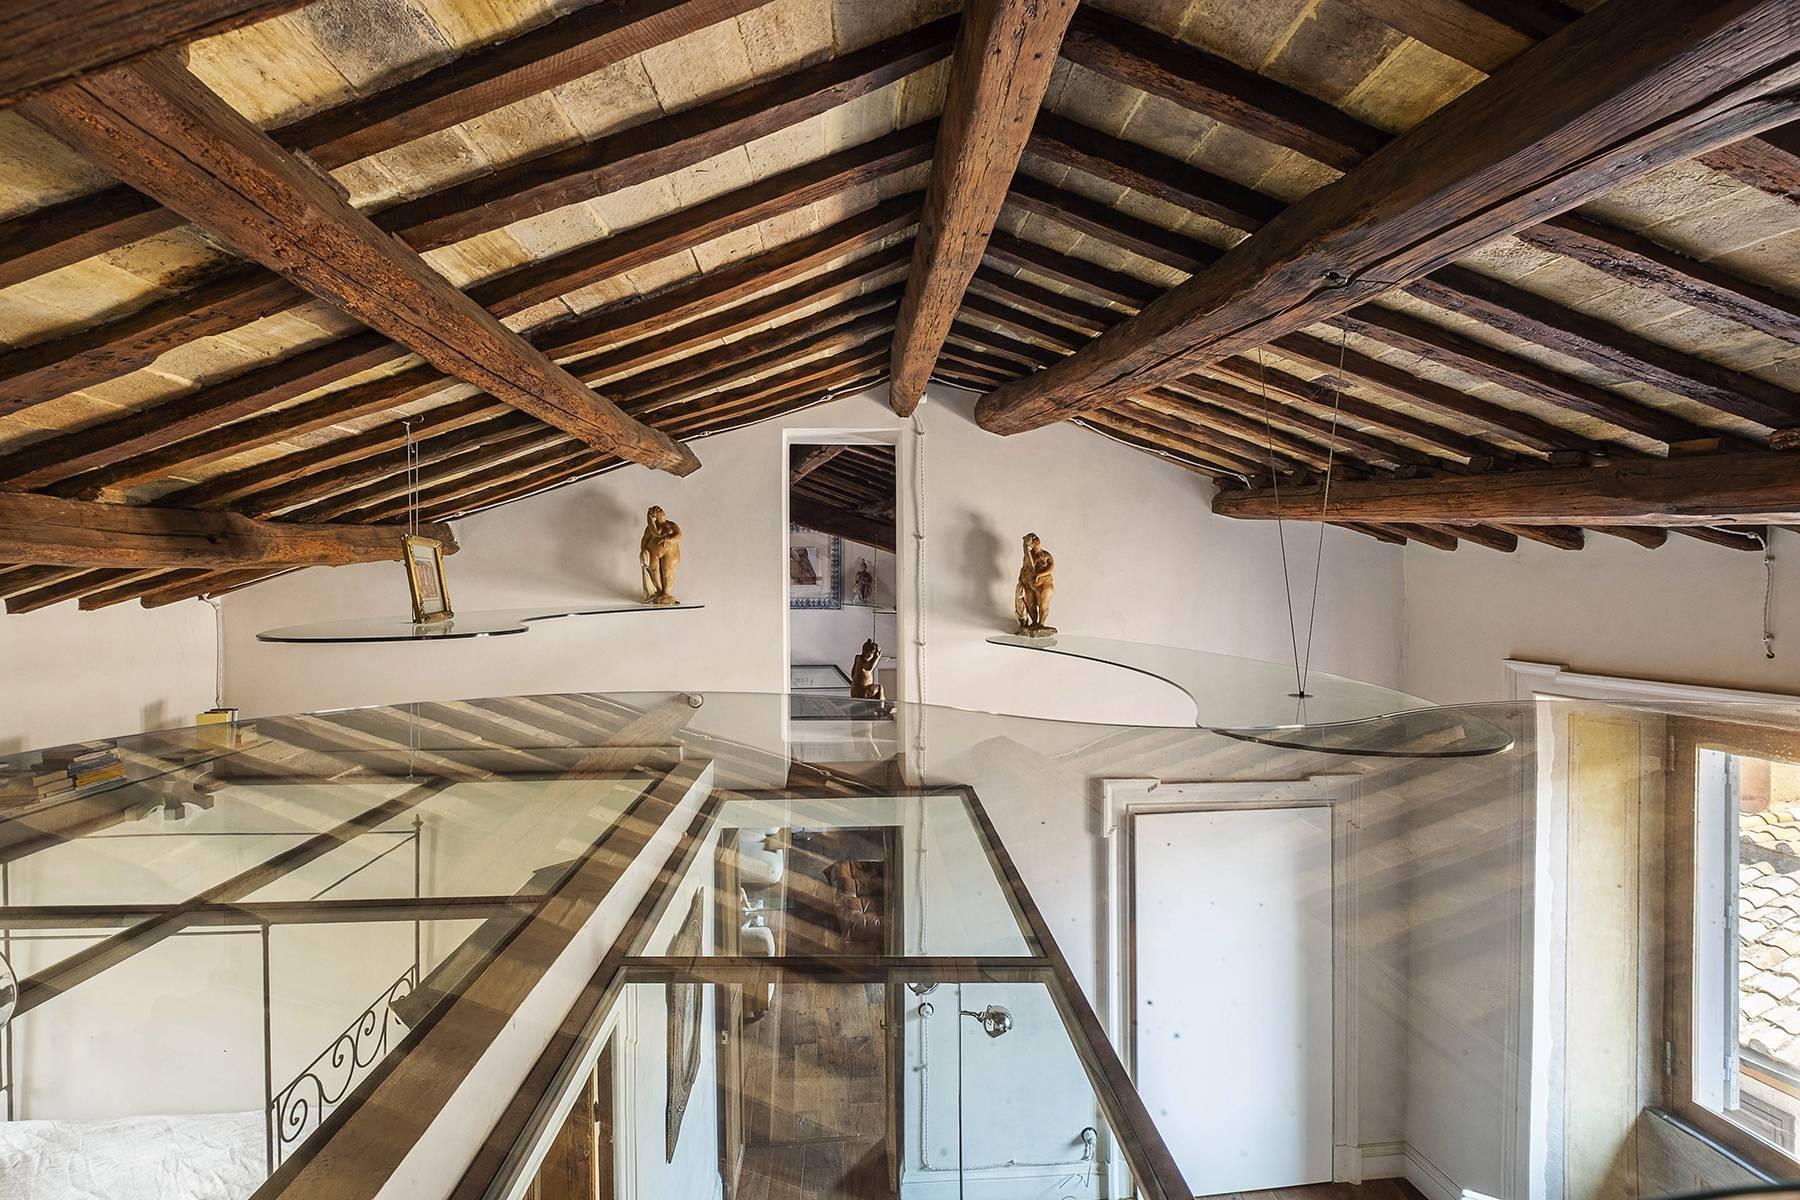 Splendido attico ristrutturato con giardini pensili panoramici - 19